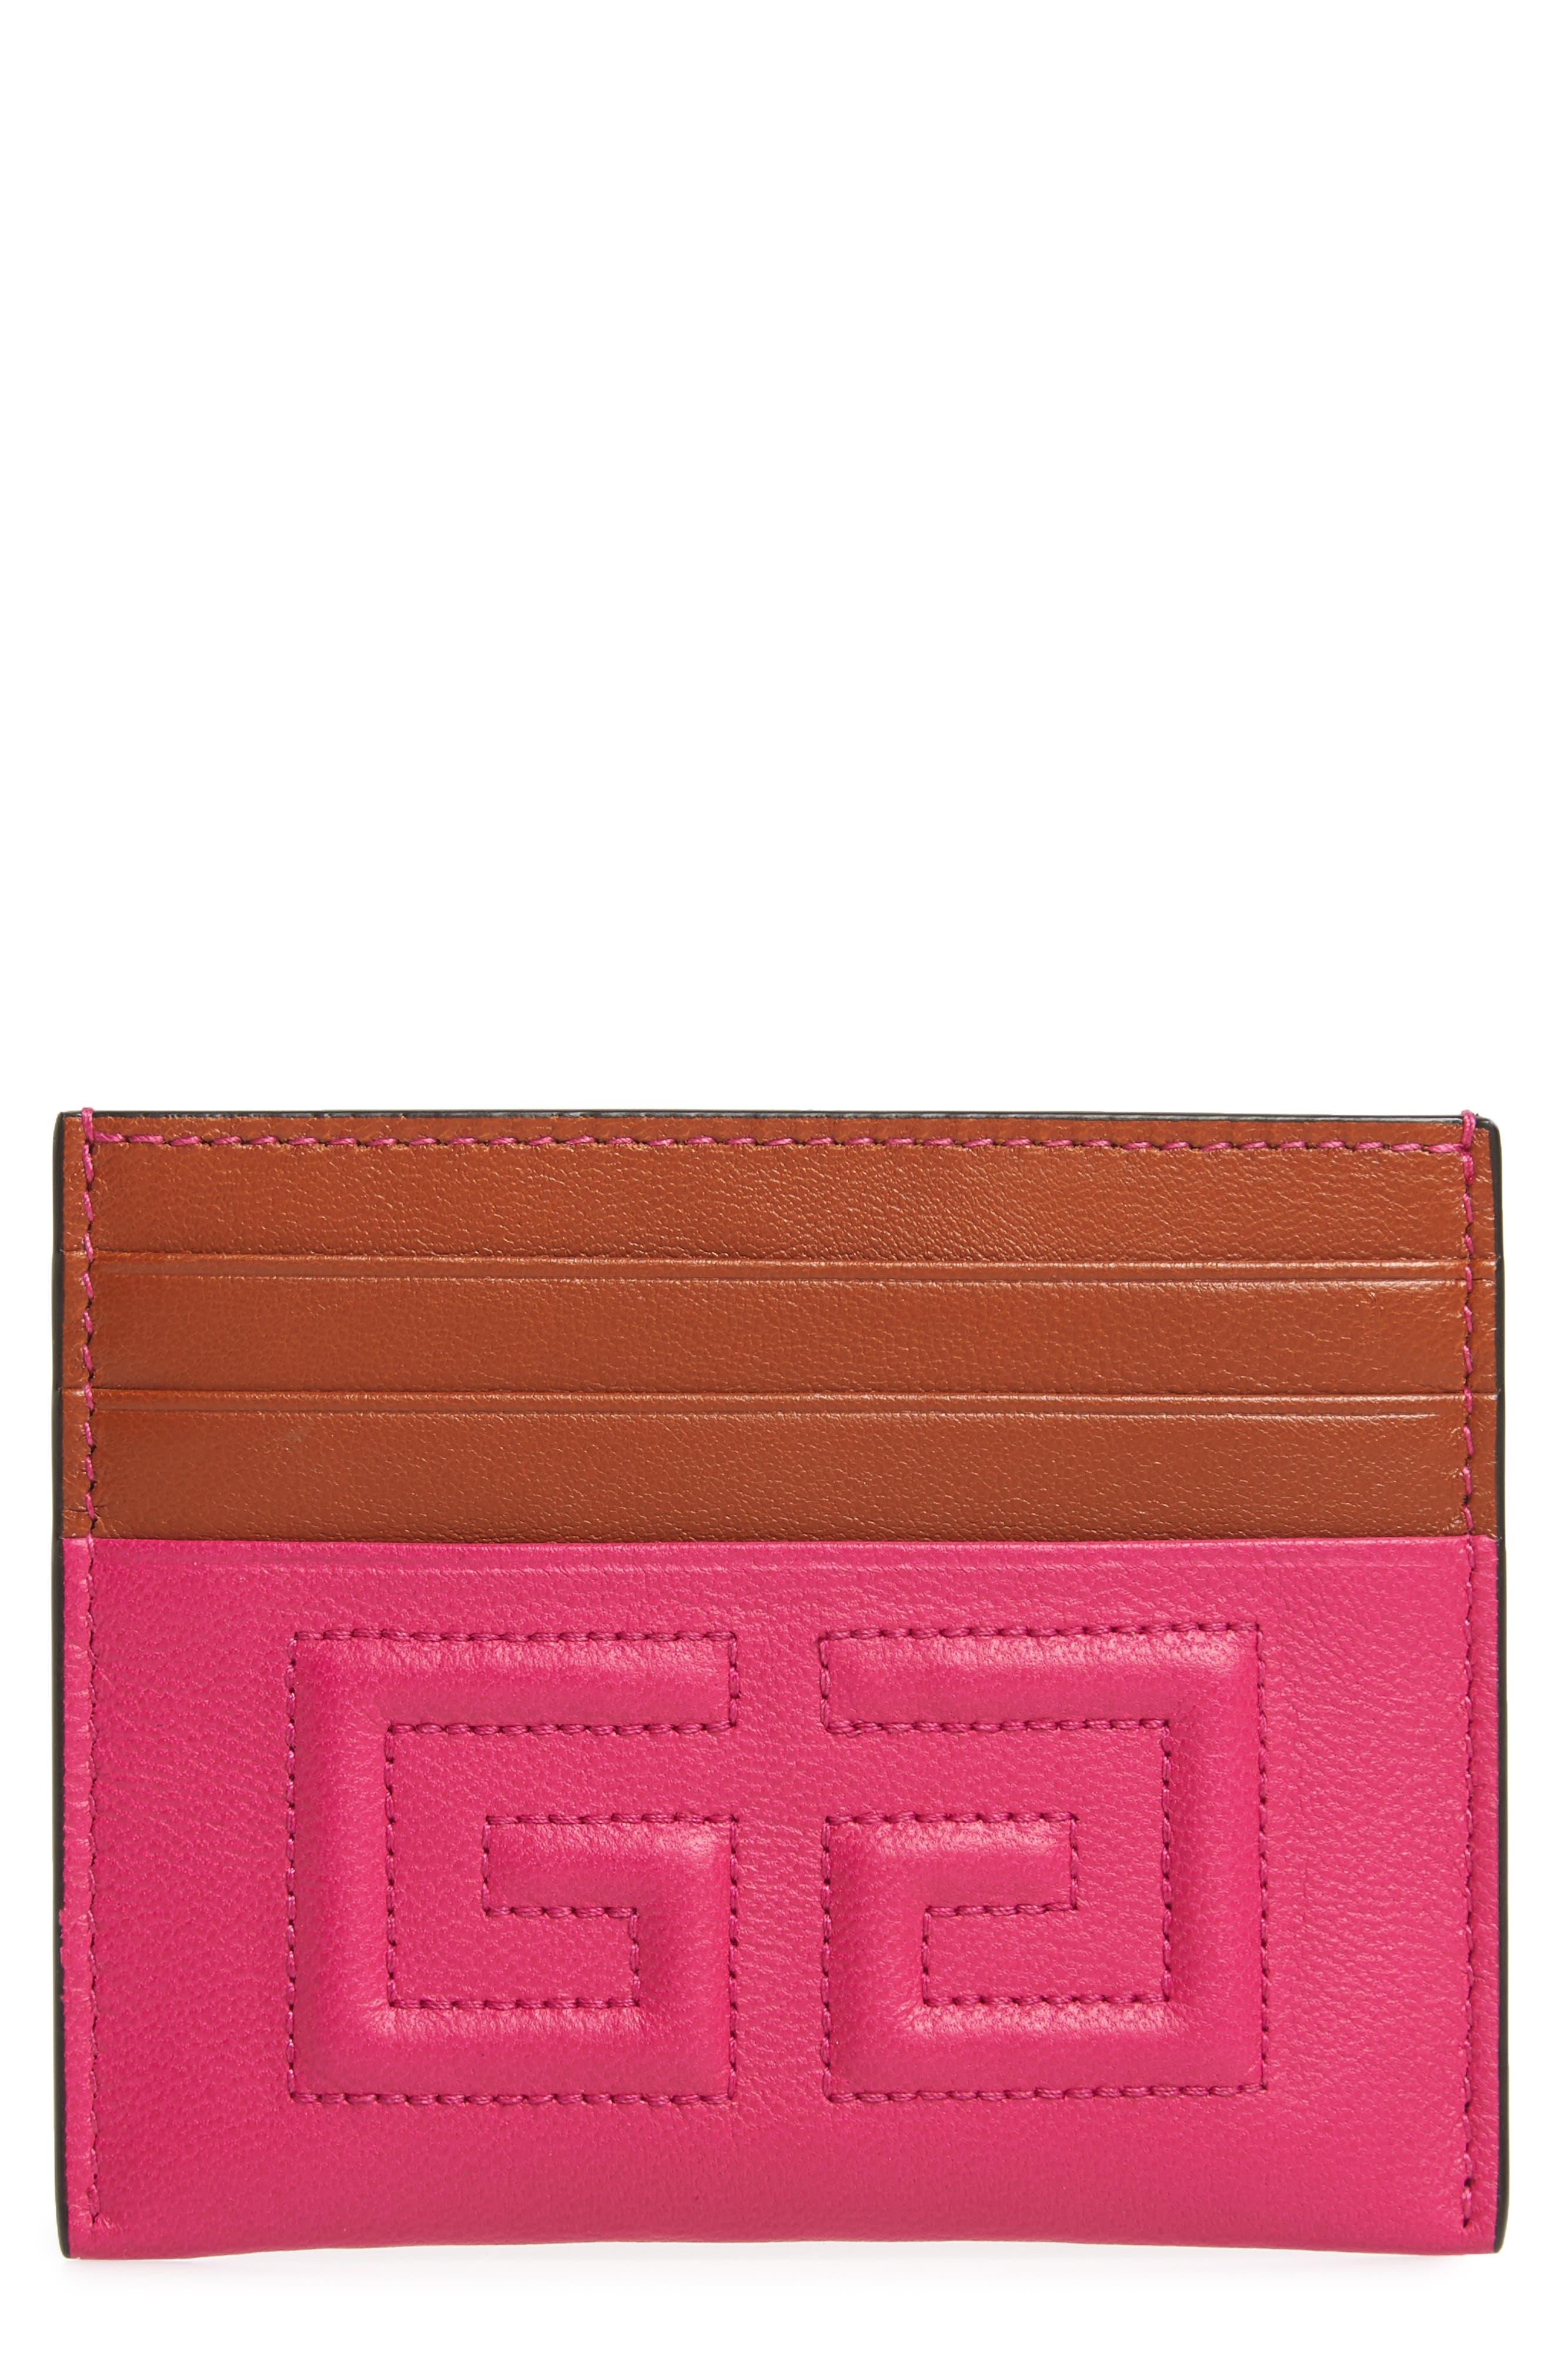 Emblem Leather Card Case,                             Main thumbnail 1, color,                             CYCLAMEN